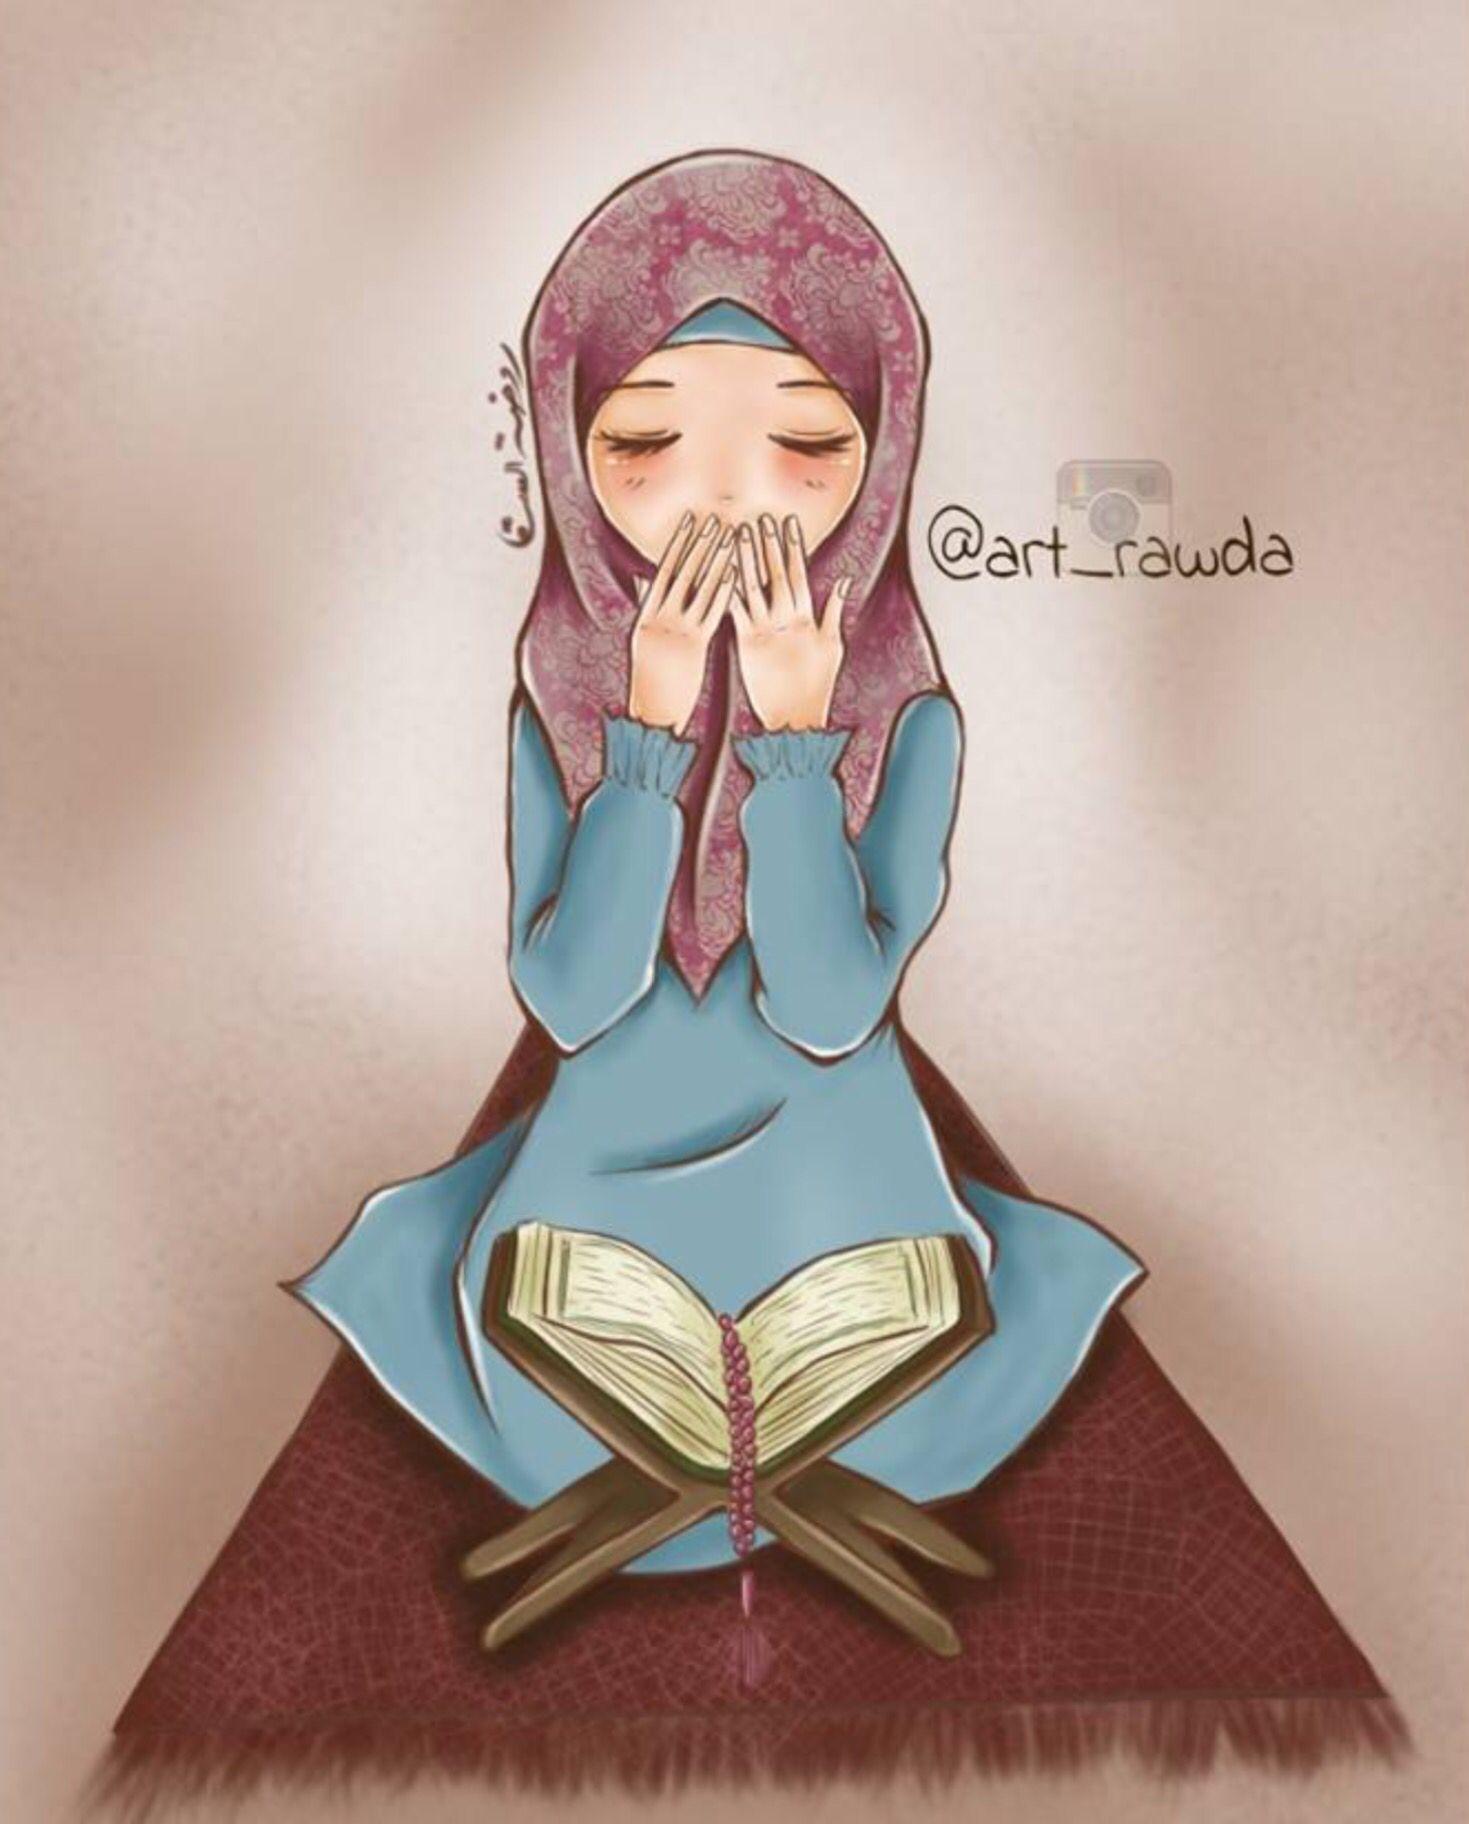 Hijab Anime Hijab Cartoon Anime Muslim